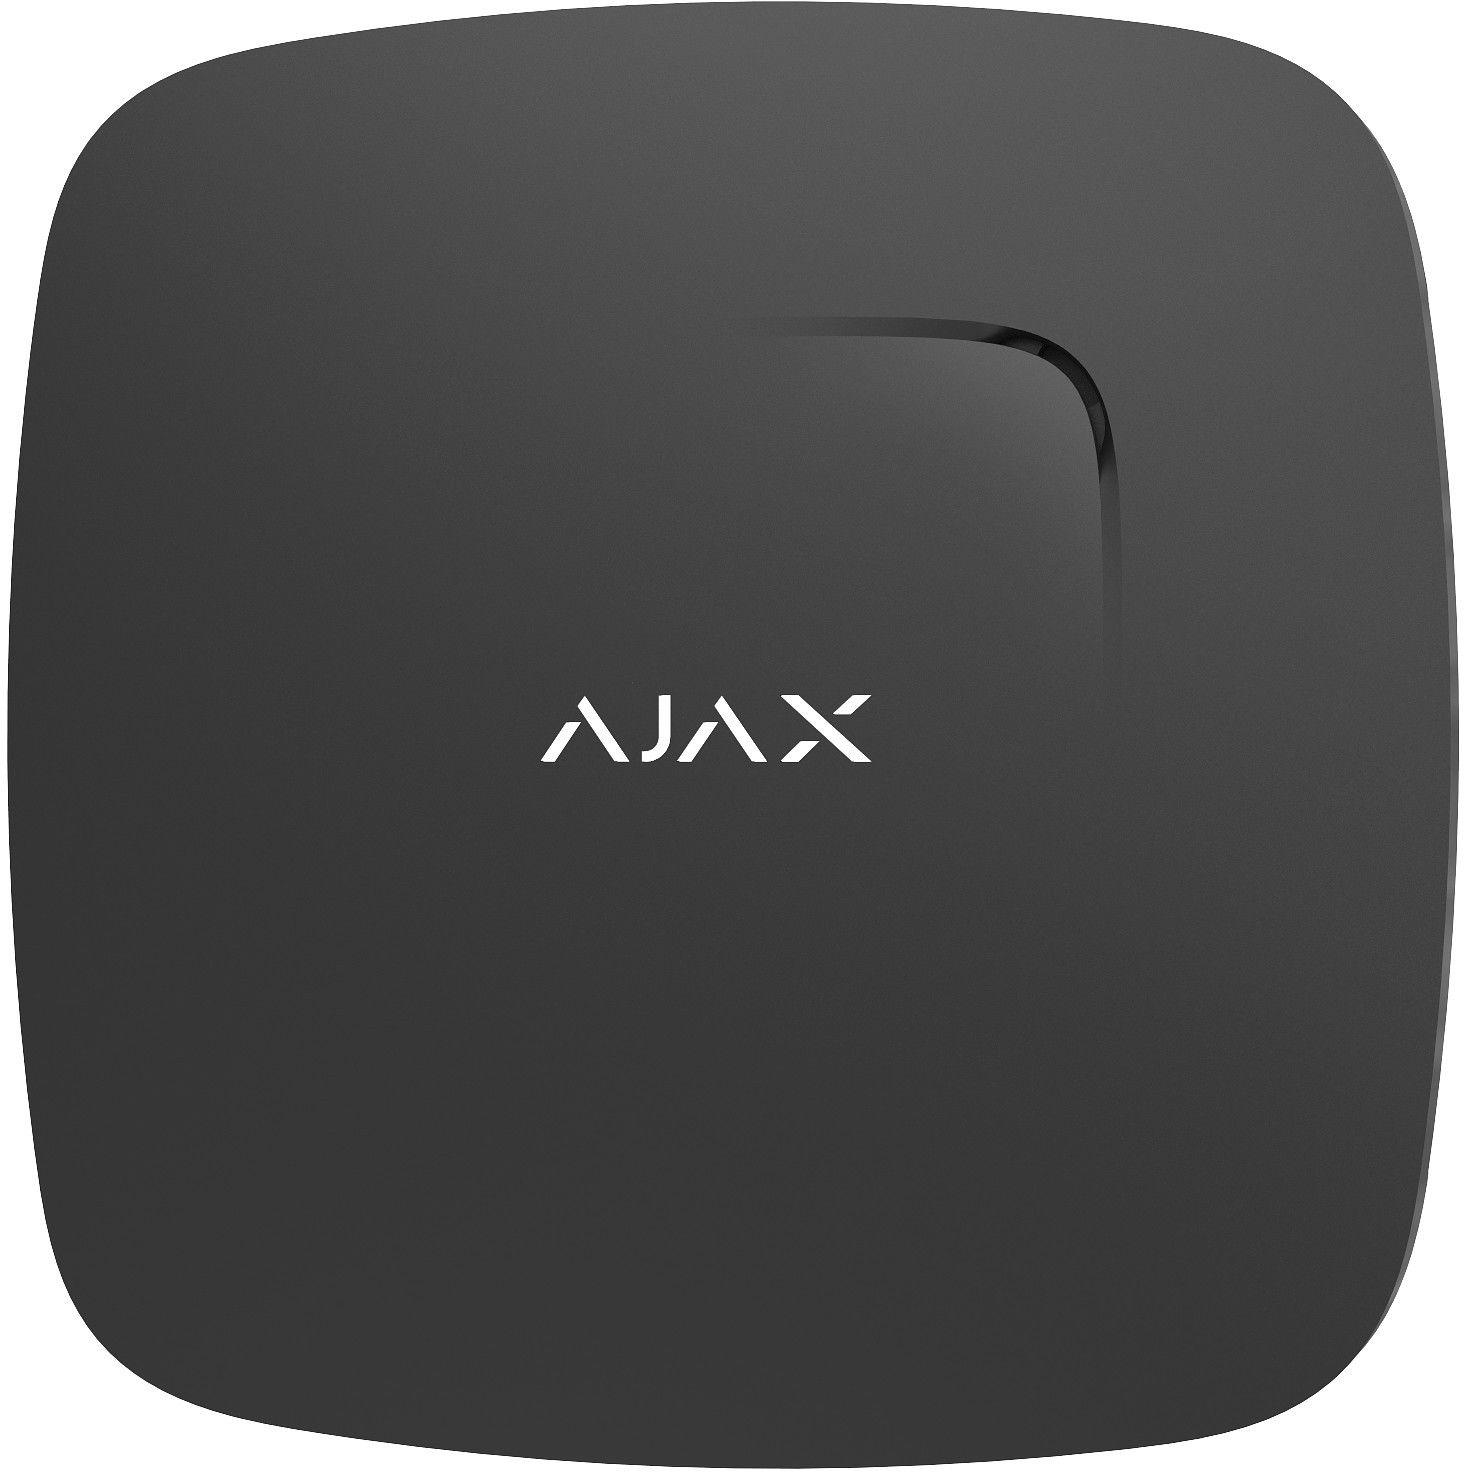 Bezprzewodowy czujnik dymu i temperatury FireProtect AJAX kolor czarny